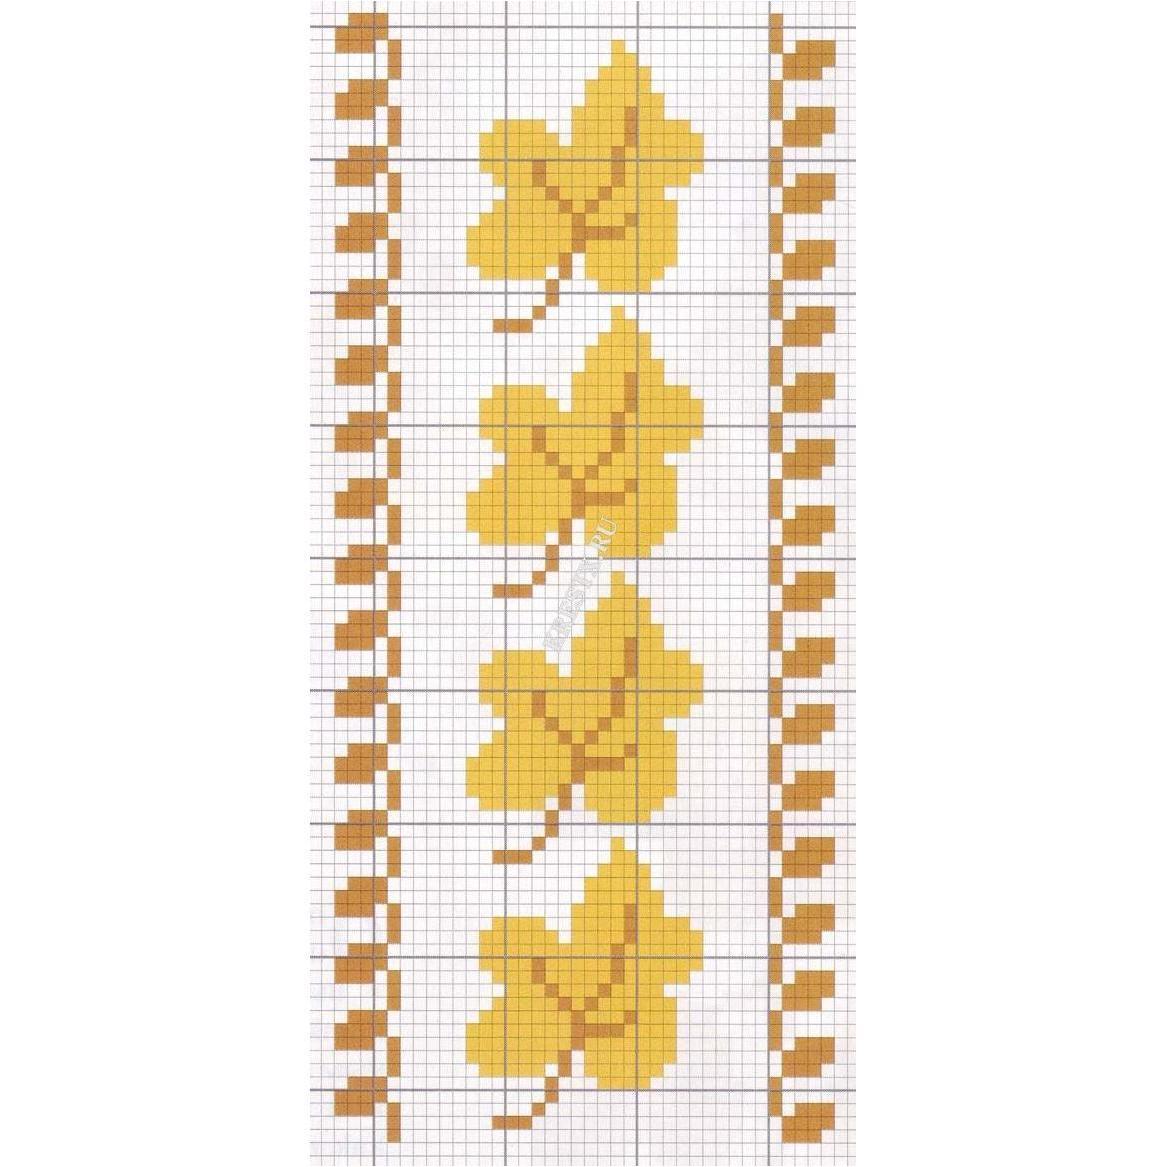 Вышивка крестом осенние листья схемы